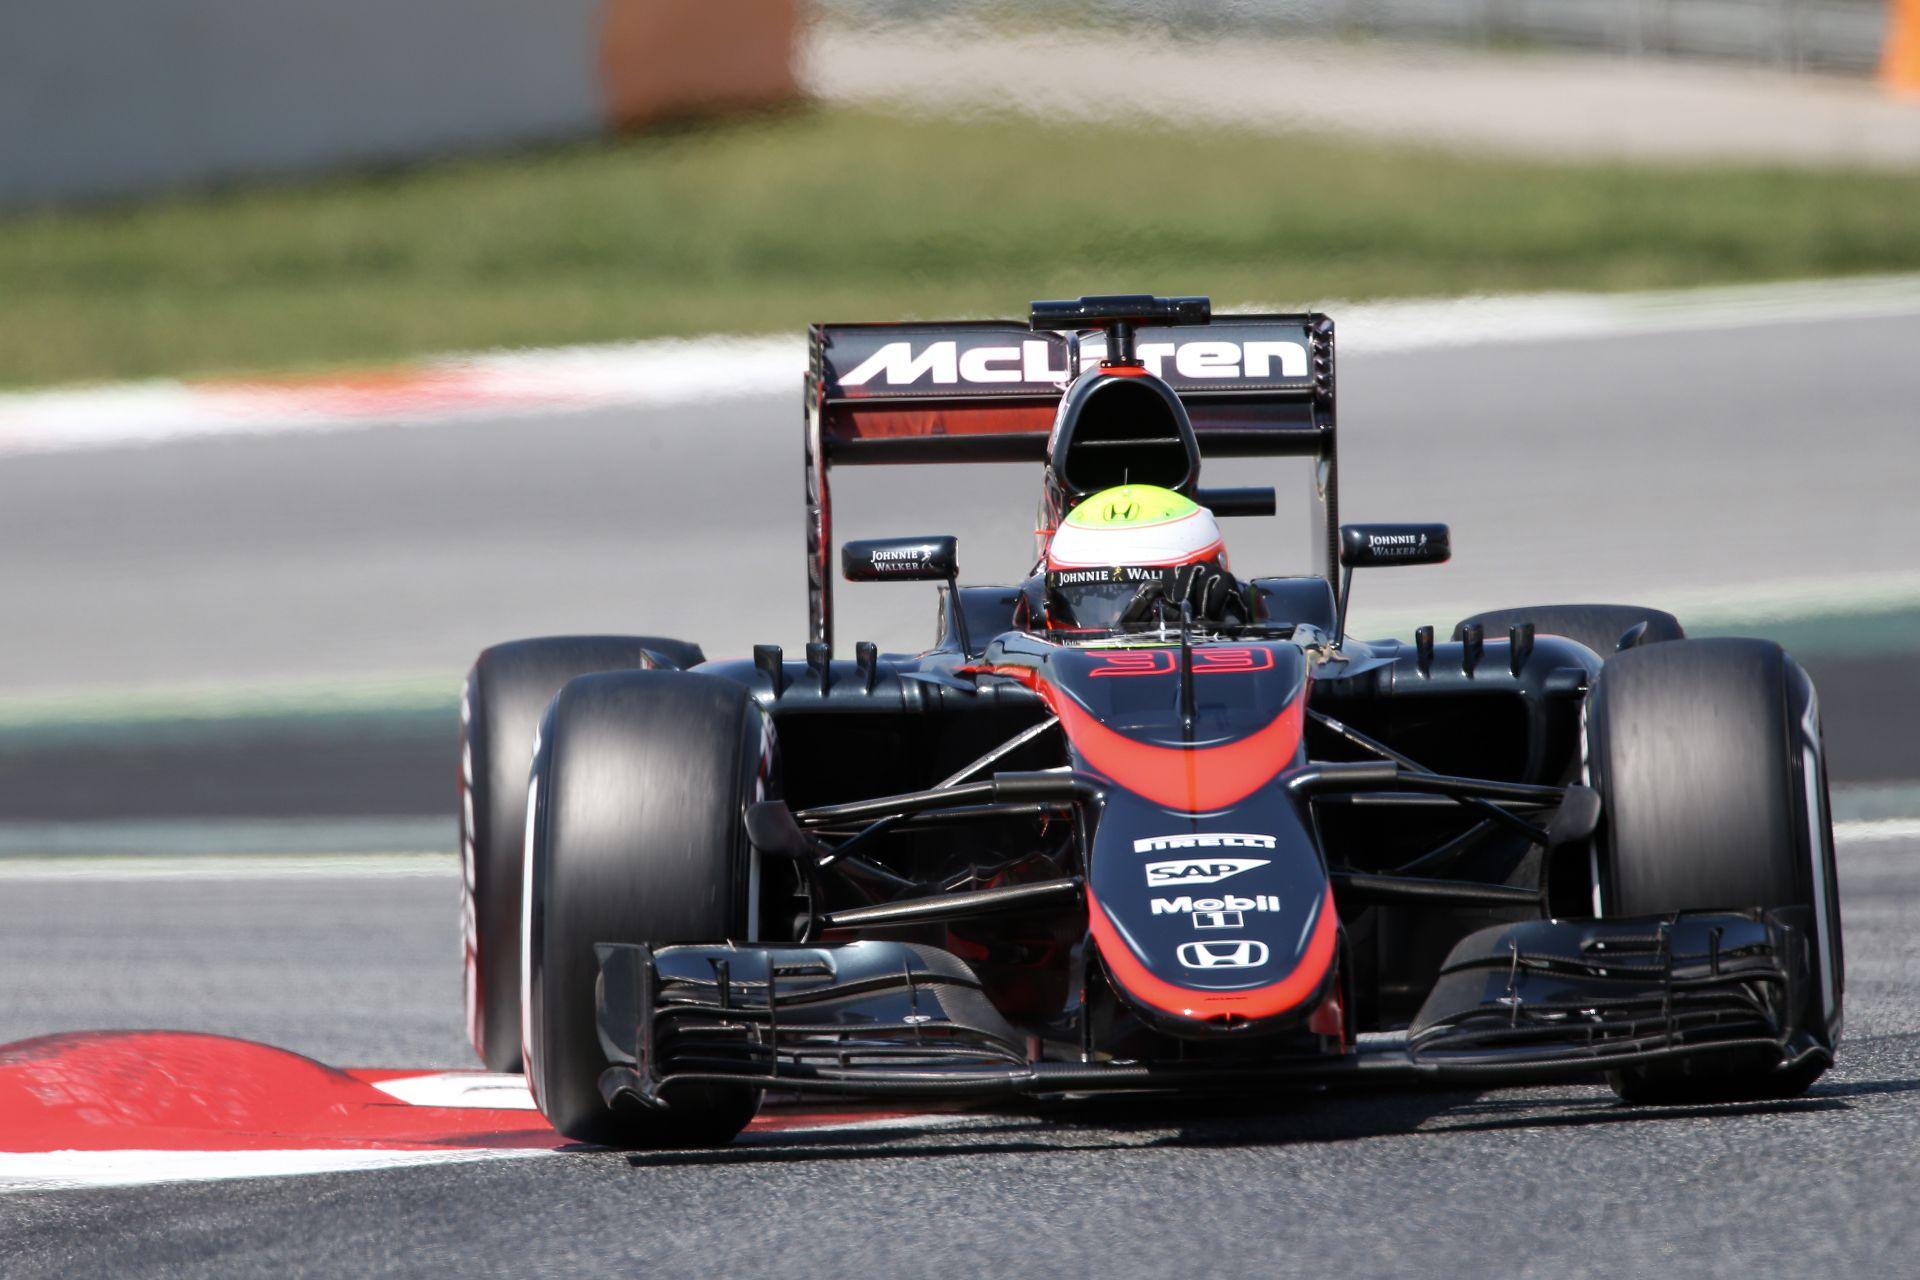 Irtózatosan nagy bukás a McLaren-Honda, vagy max két év, és agyonverik a mezőnyt?